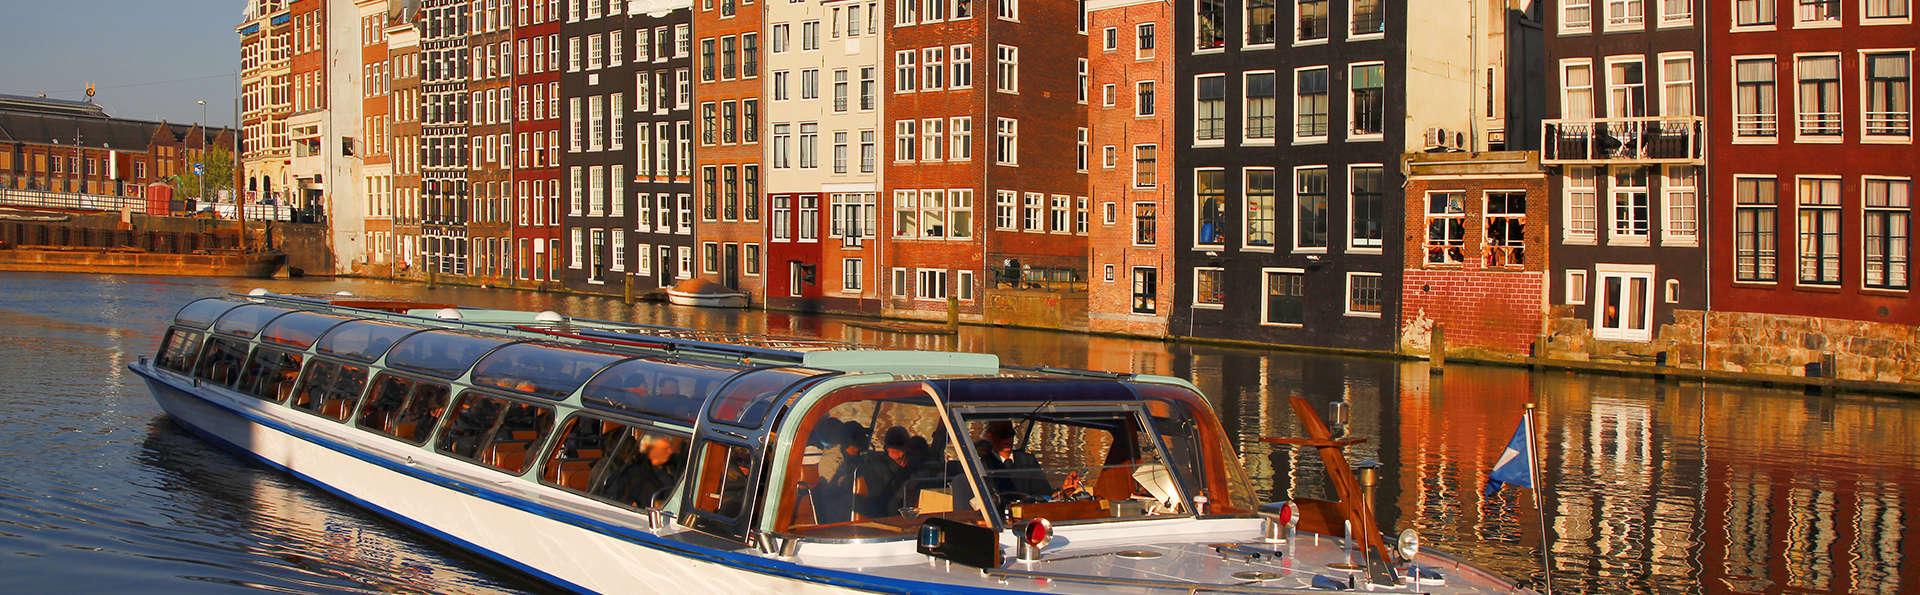 Profitez du luxe et du bien-être et découvrez Amsterdam lors d'une croisière (2 nuits)